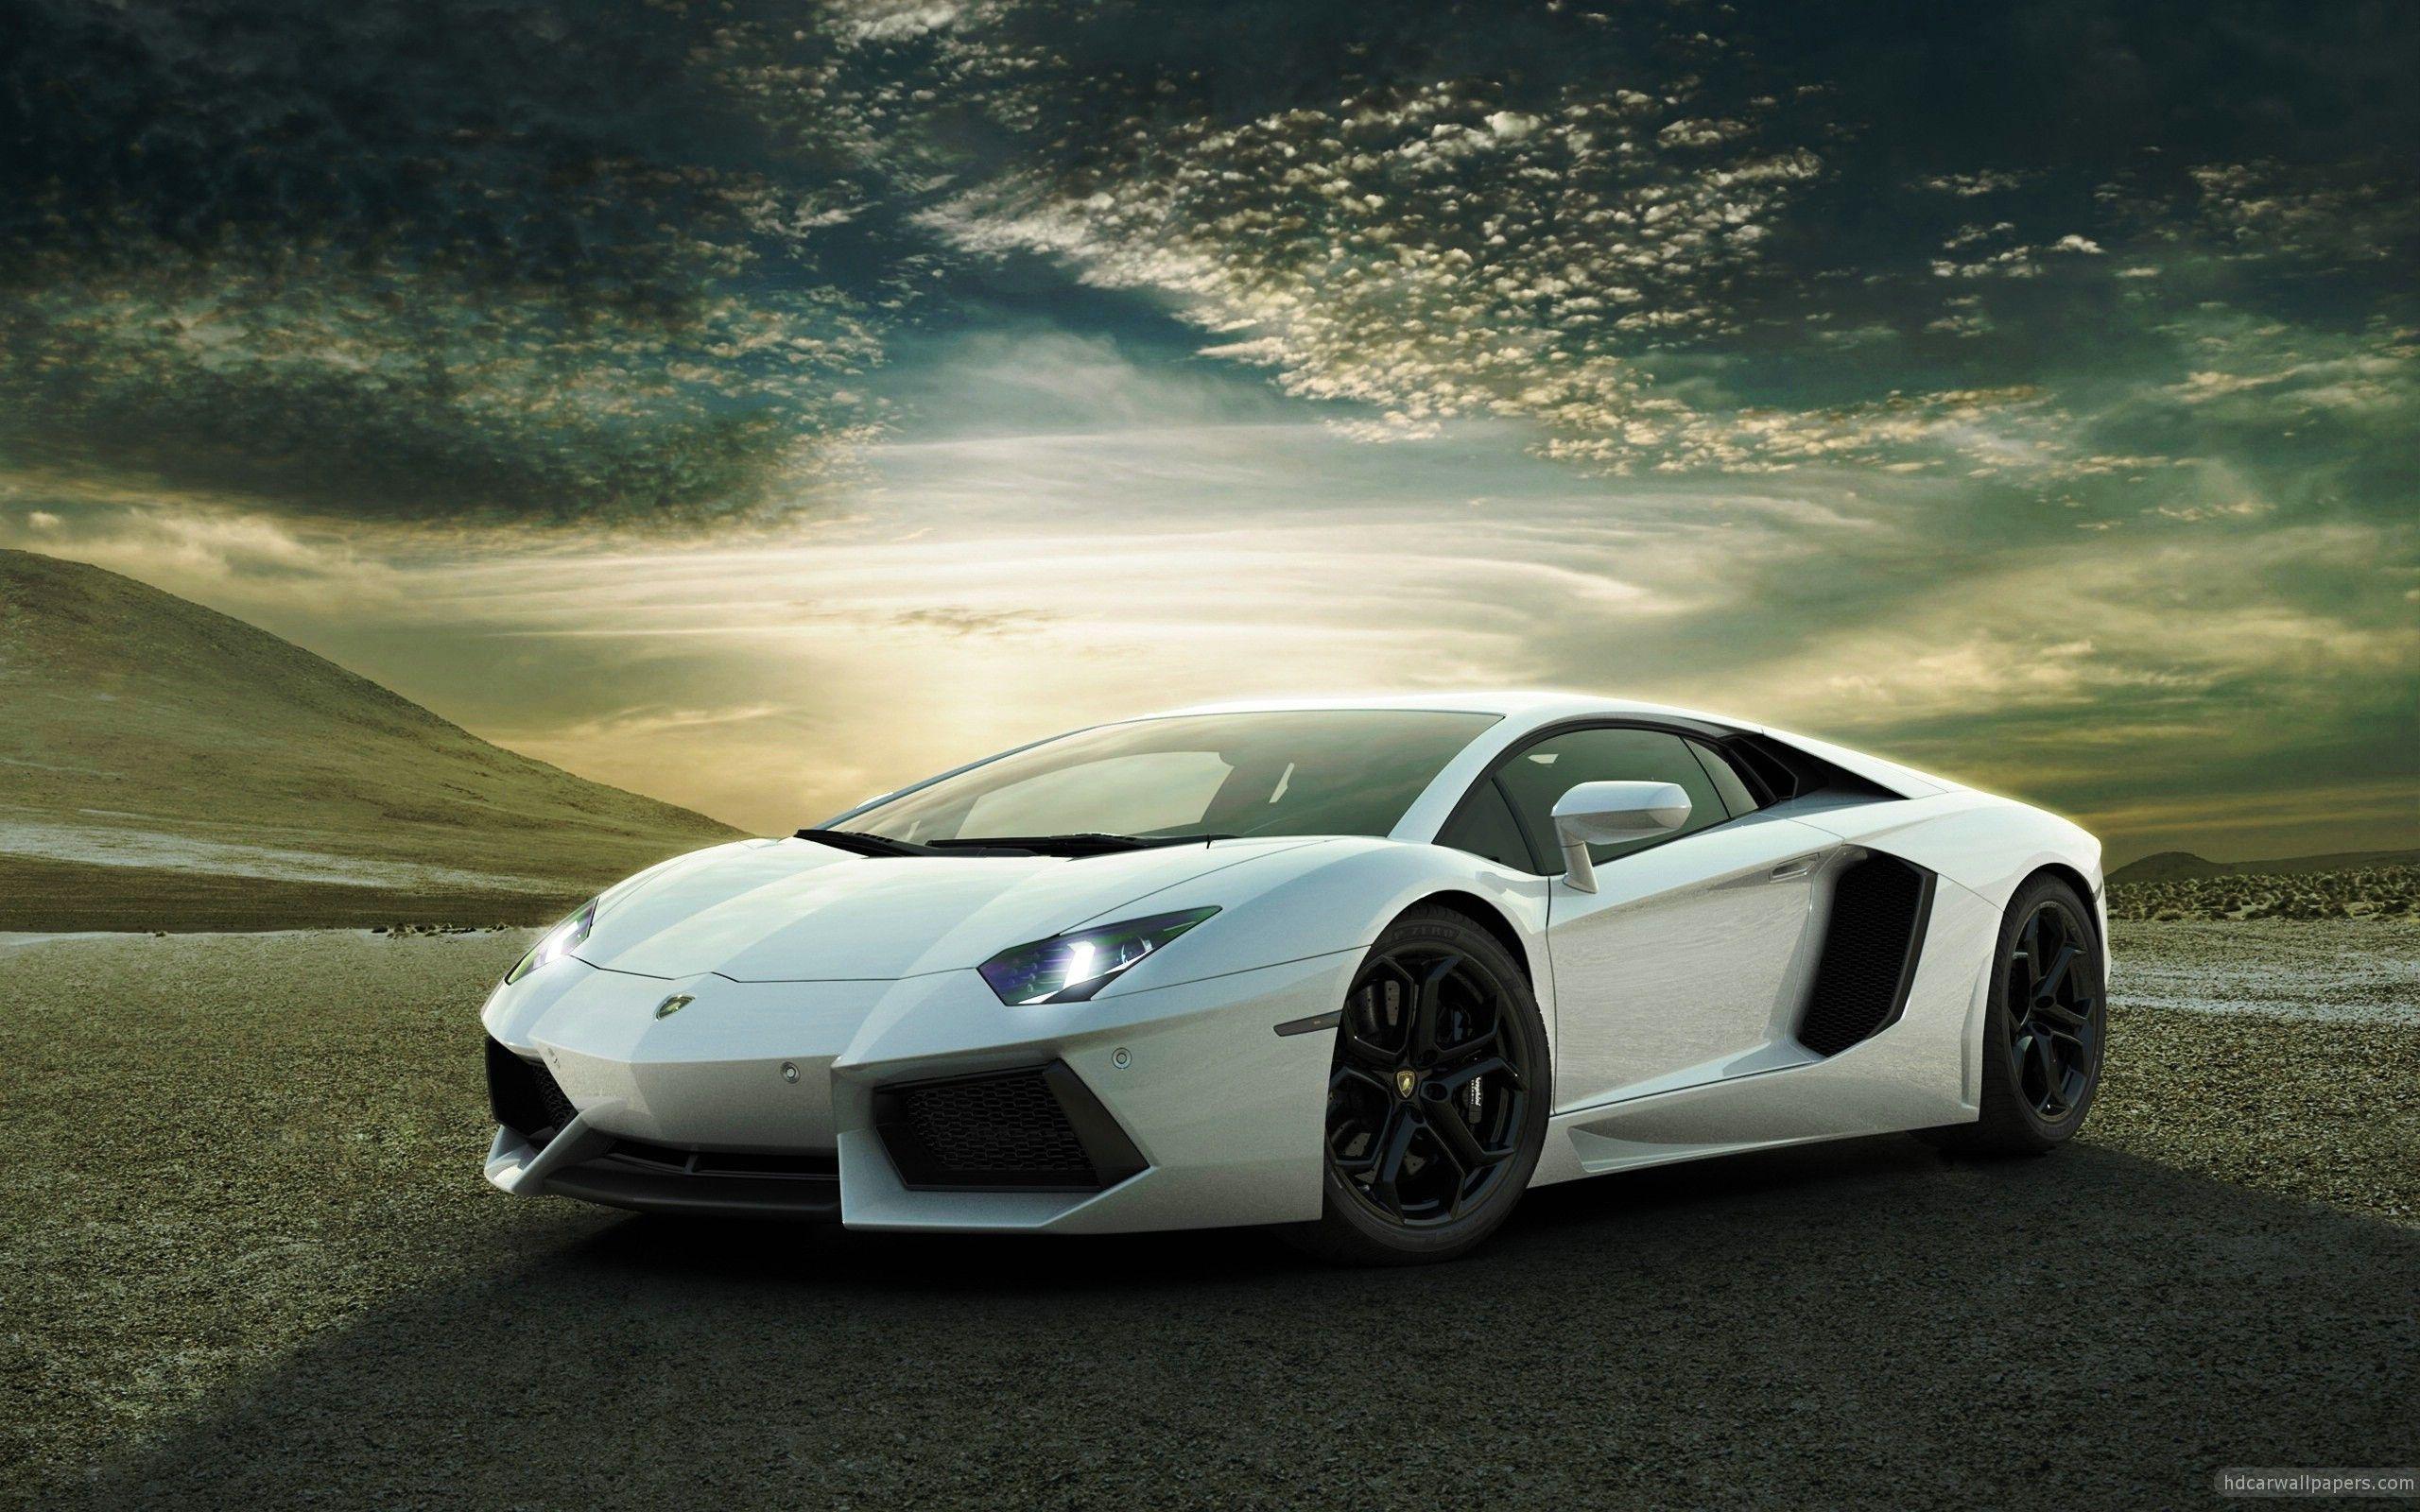 Lamborghini Aventador Wallpapers Top Free Lamborghini Aventador Backgrounds Wallpaperaccess